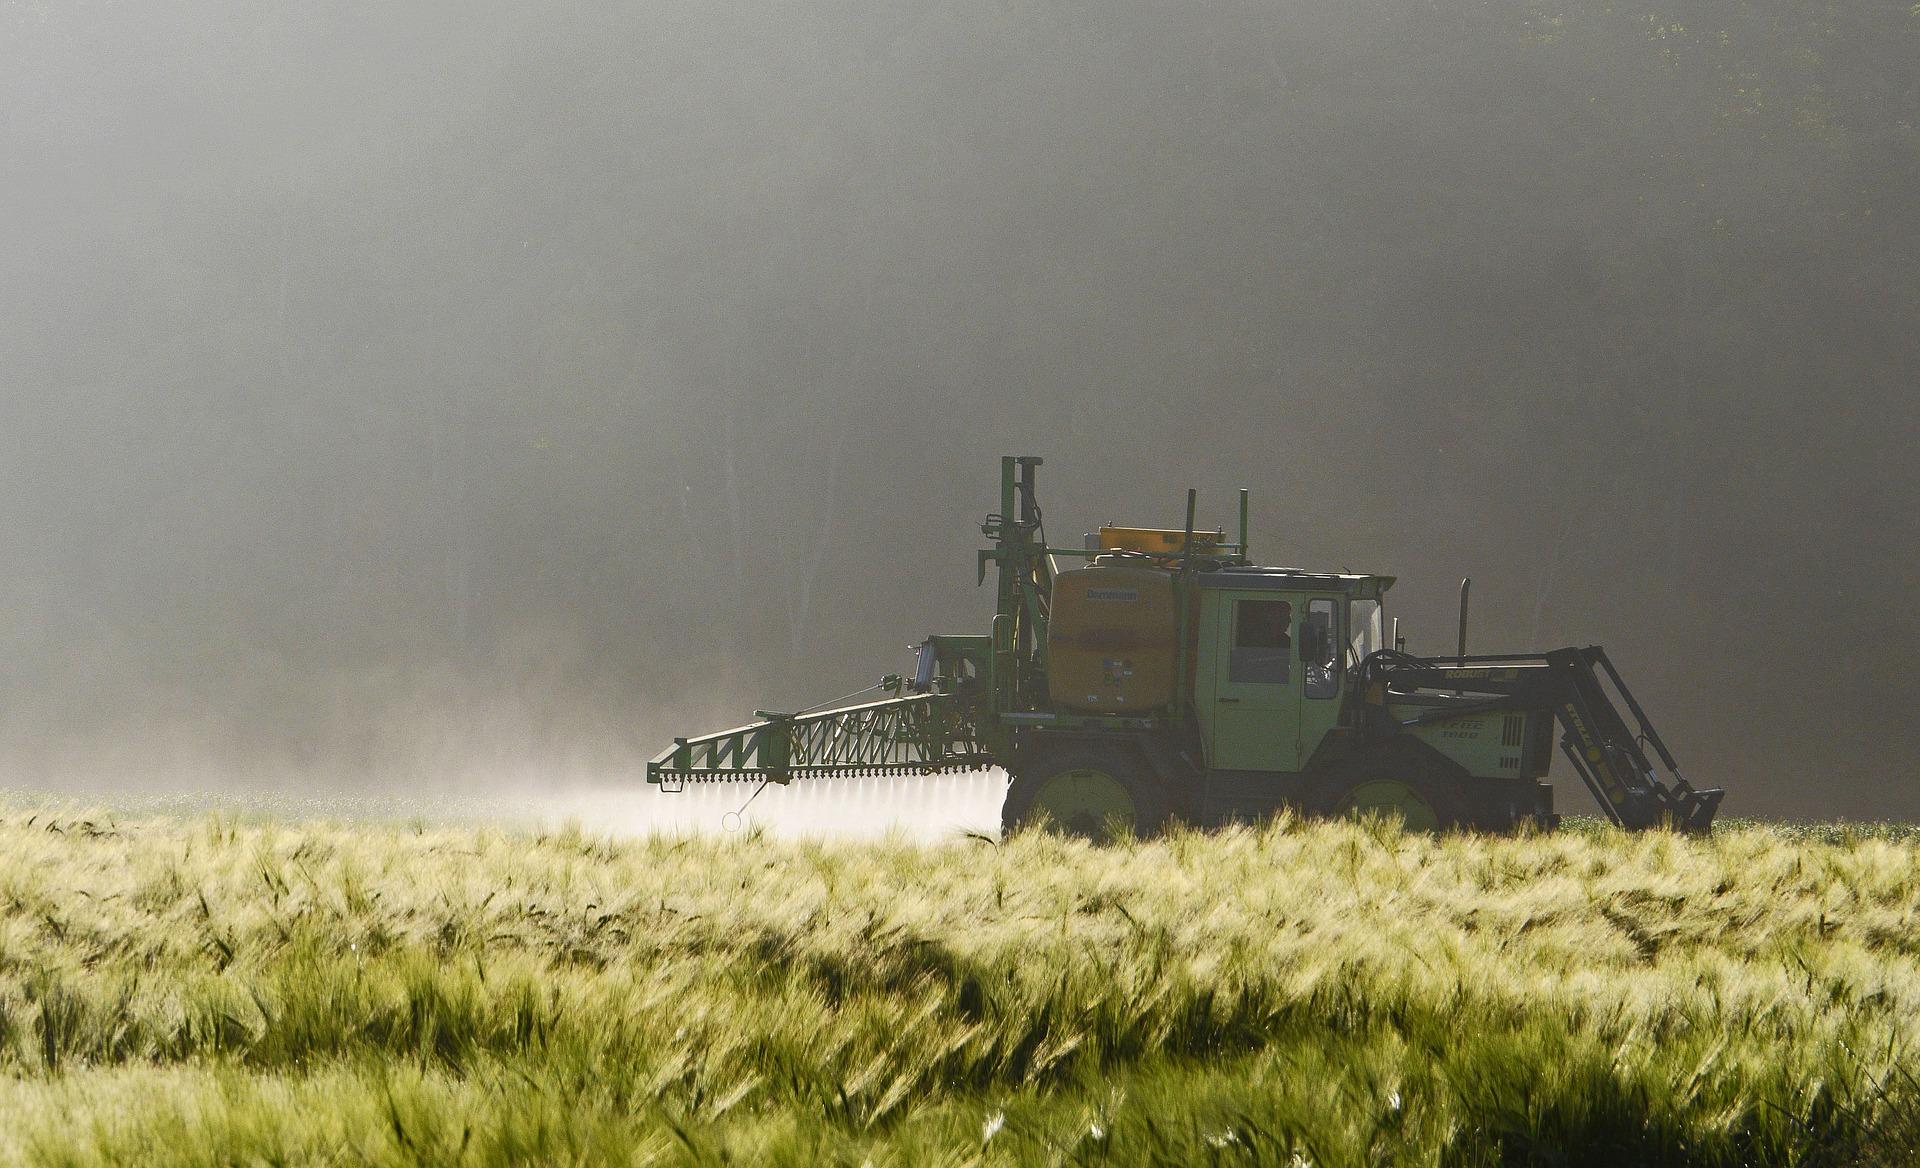 el-gobierno-argentino-presento-pautas-para-la-aplicacion-de-fitosanitarios